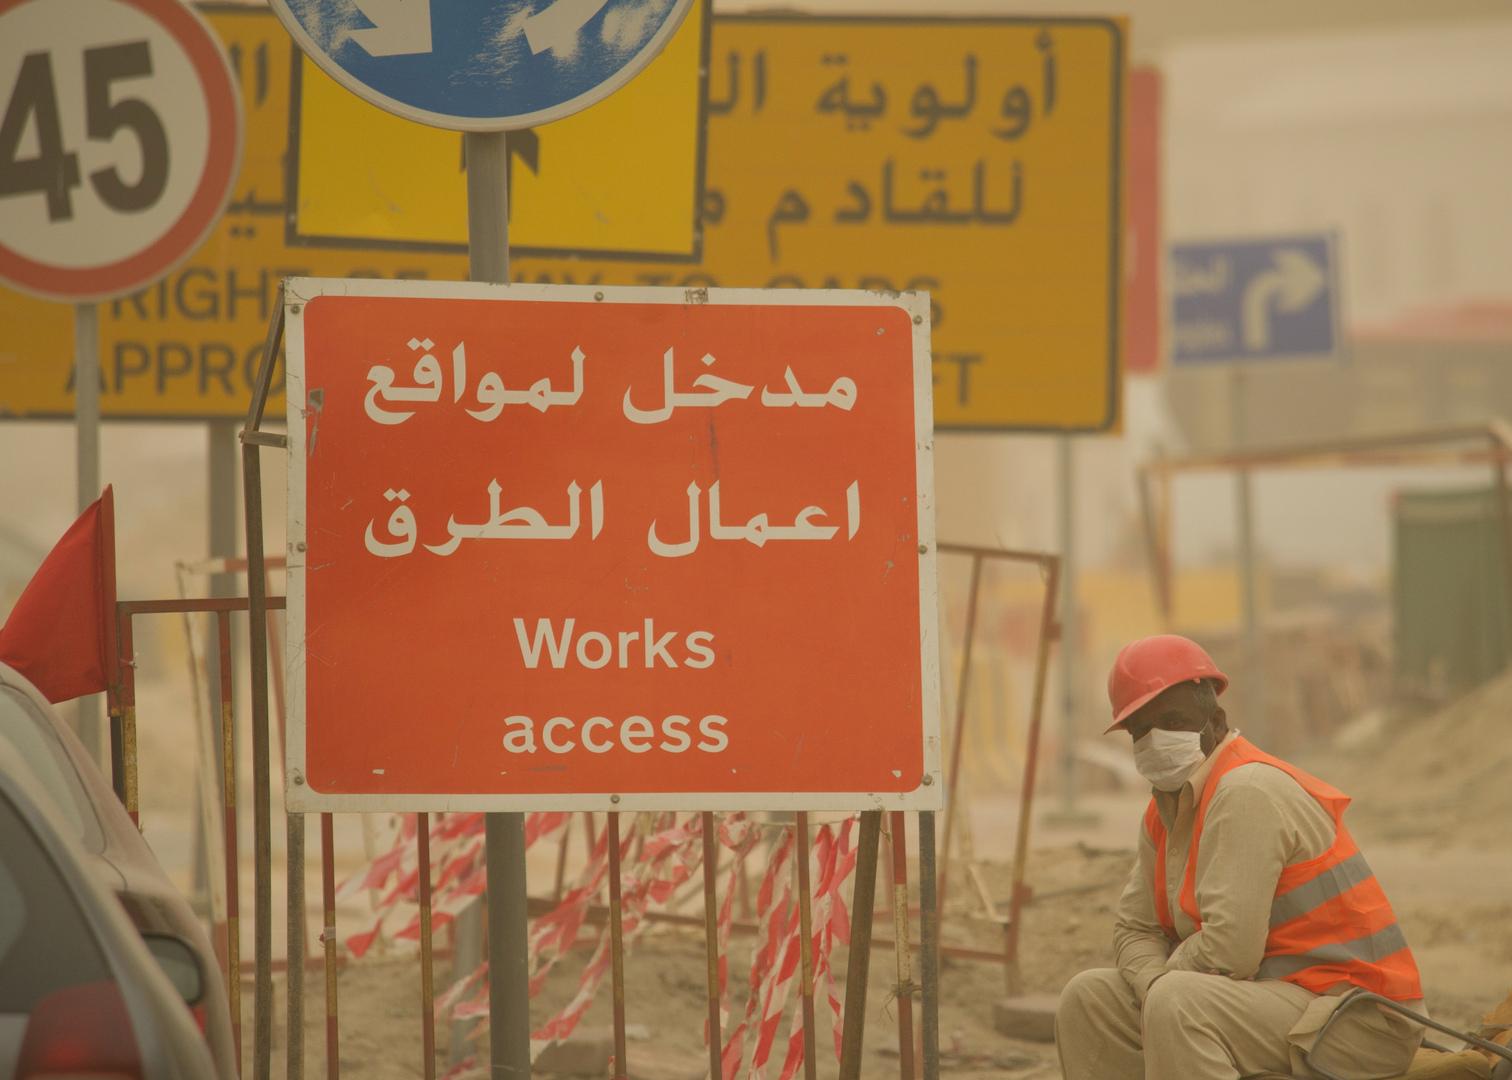 صحيفة عن دراسة محلية: حرارة أرض الكويت ارتفعت 11.3 درجة مئوية في غضون 7 سنوات